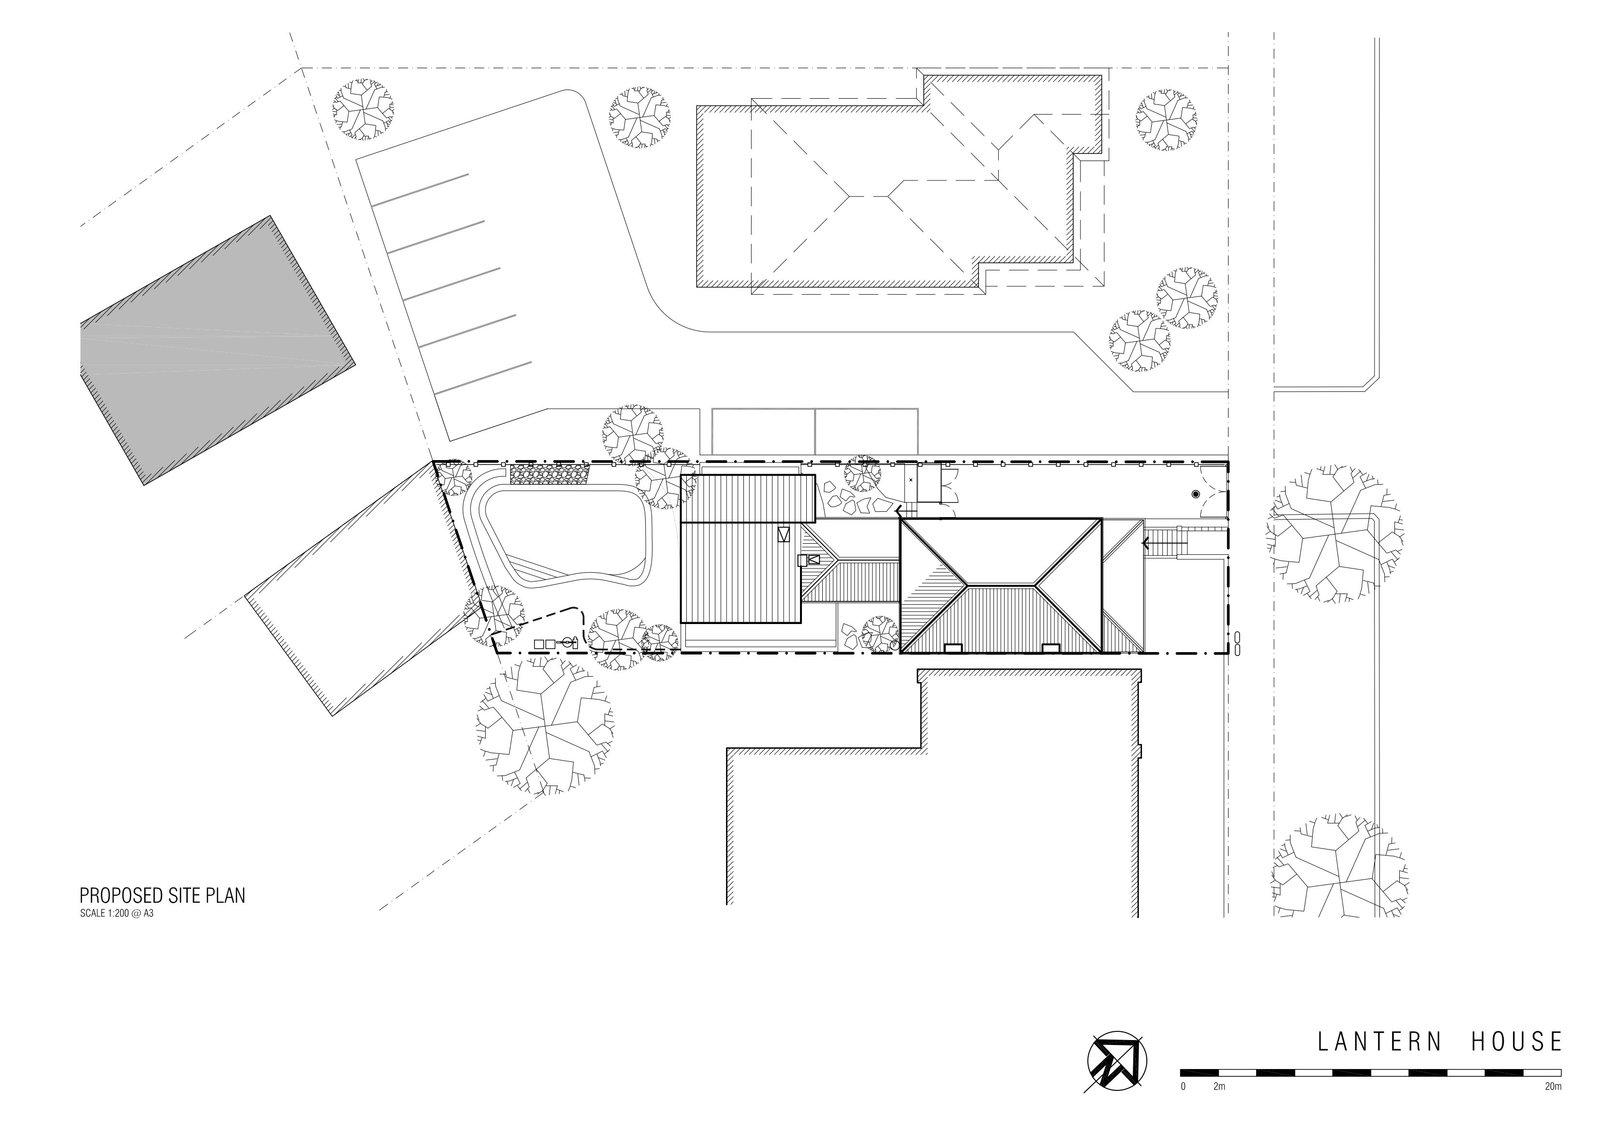 Lantern House site plan